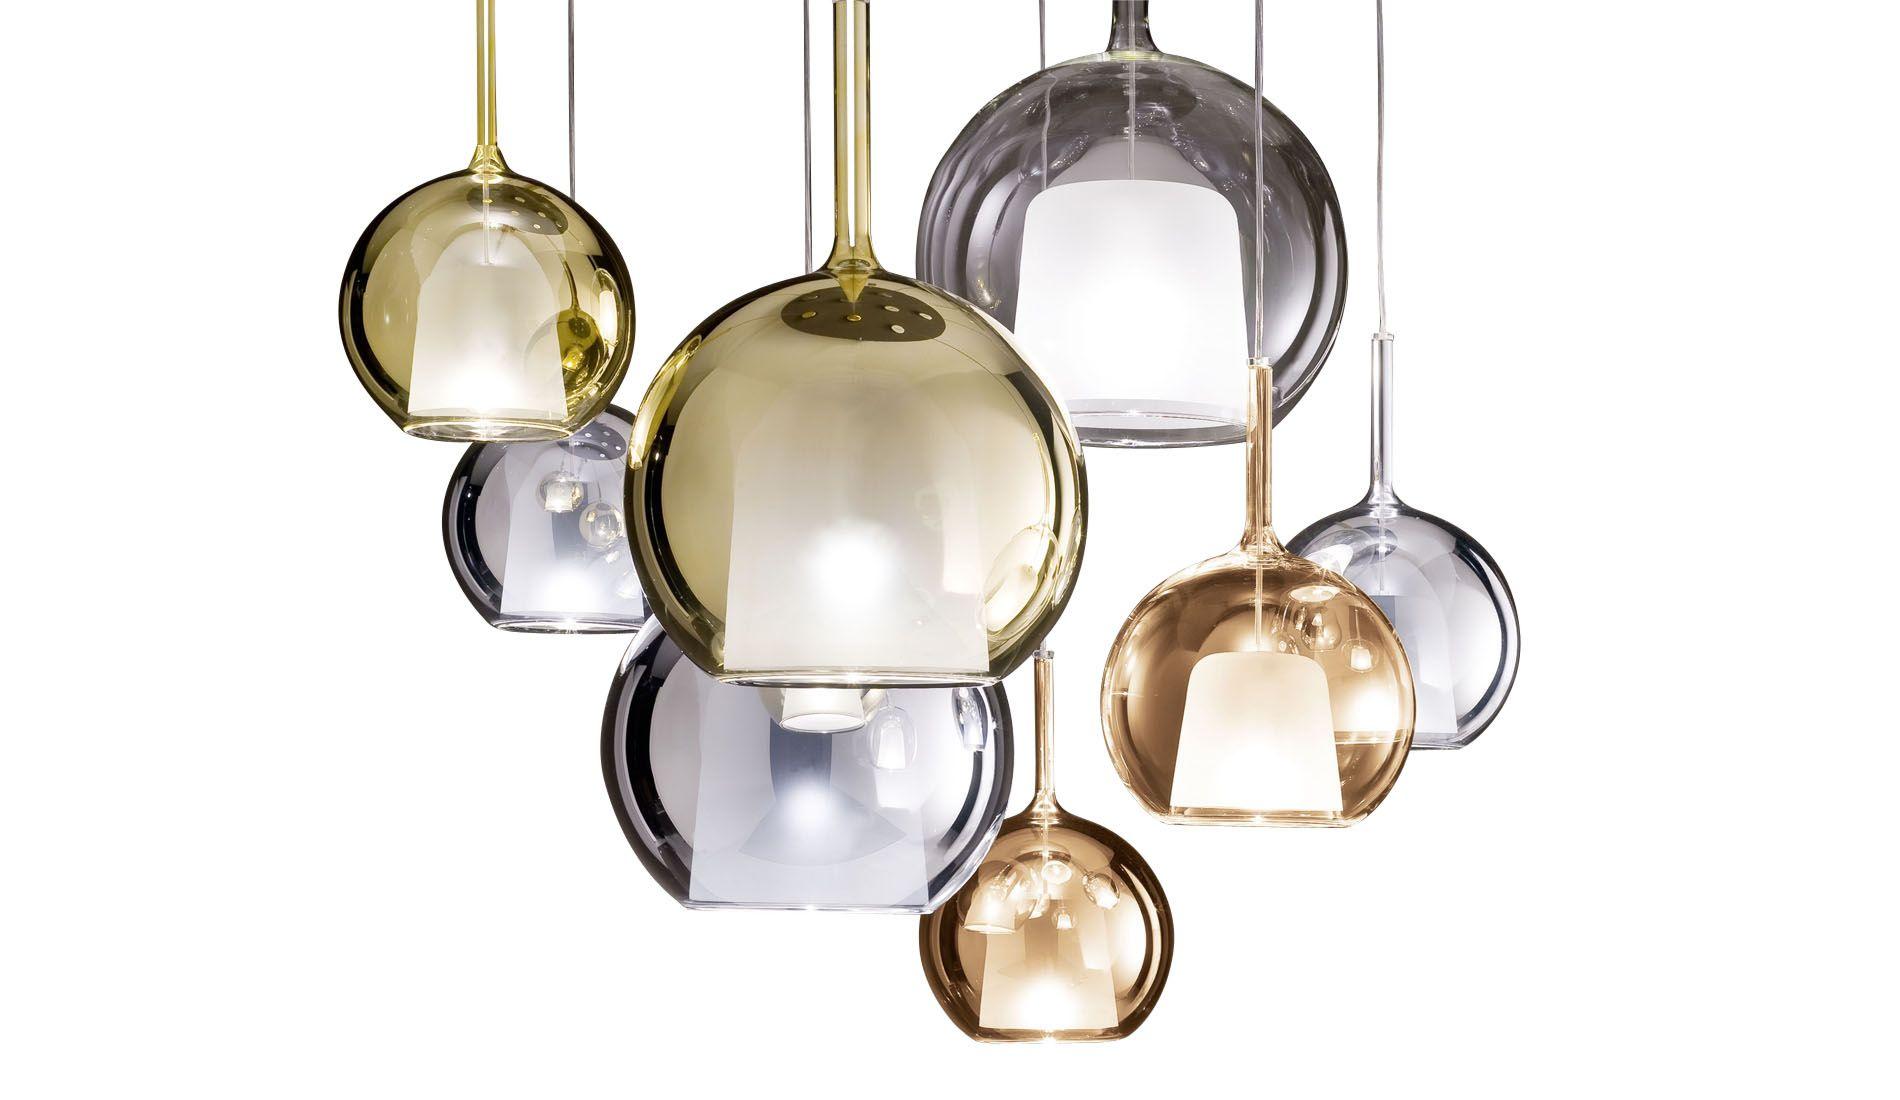 penta glo h ngeleuchte lampen und leuchten pinterest beleuchtung lampen und leuchten. Black Bedroom Furniture Sets. Home Design Ideas